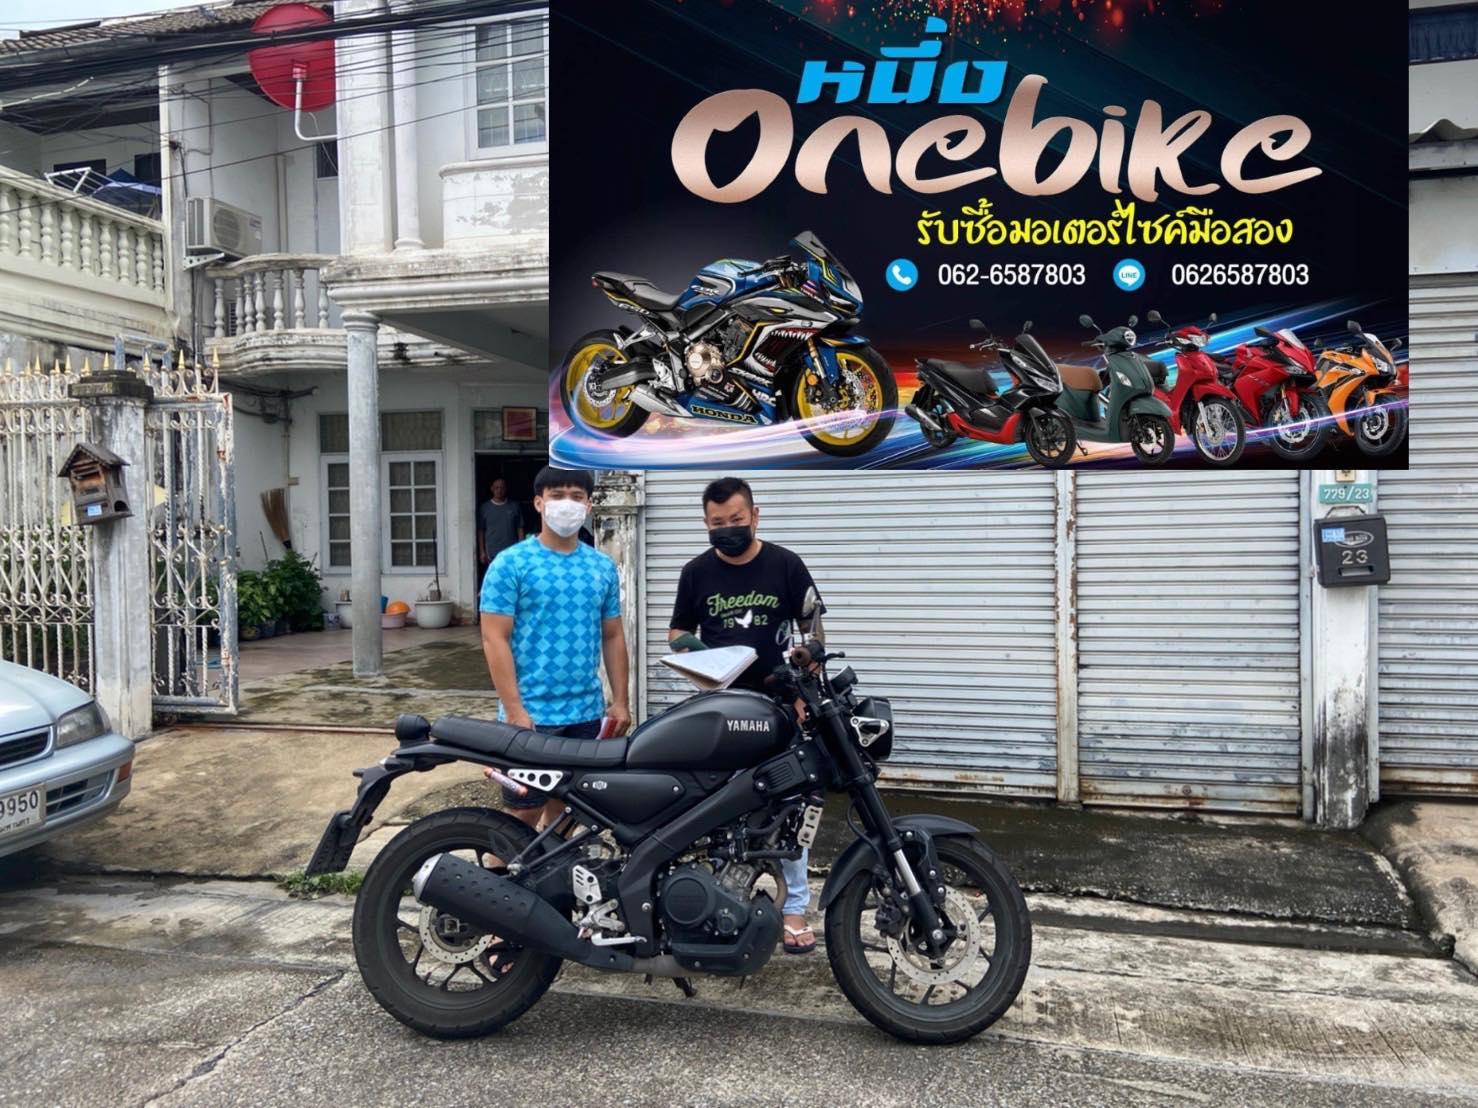 ONEBIKE รับซื้อมอเตอร์ไซค์ห้วยขวาง